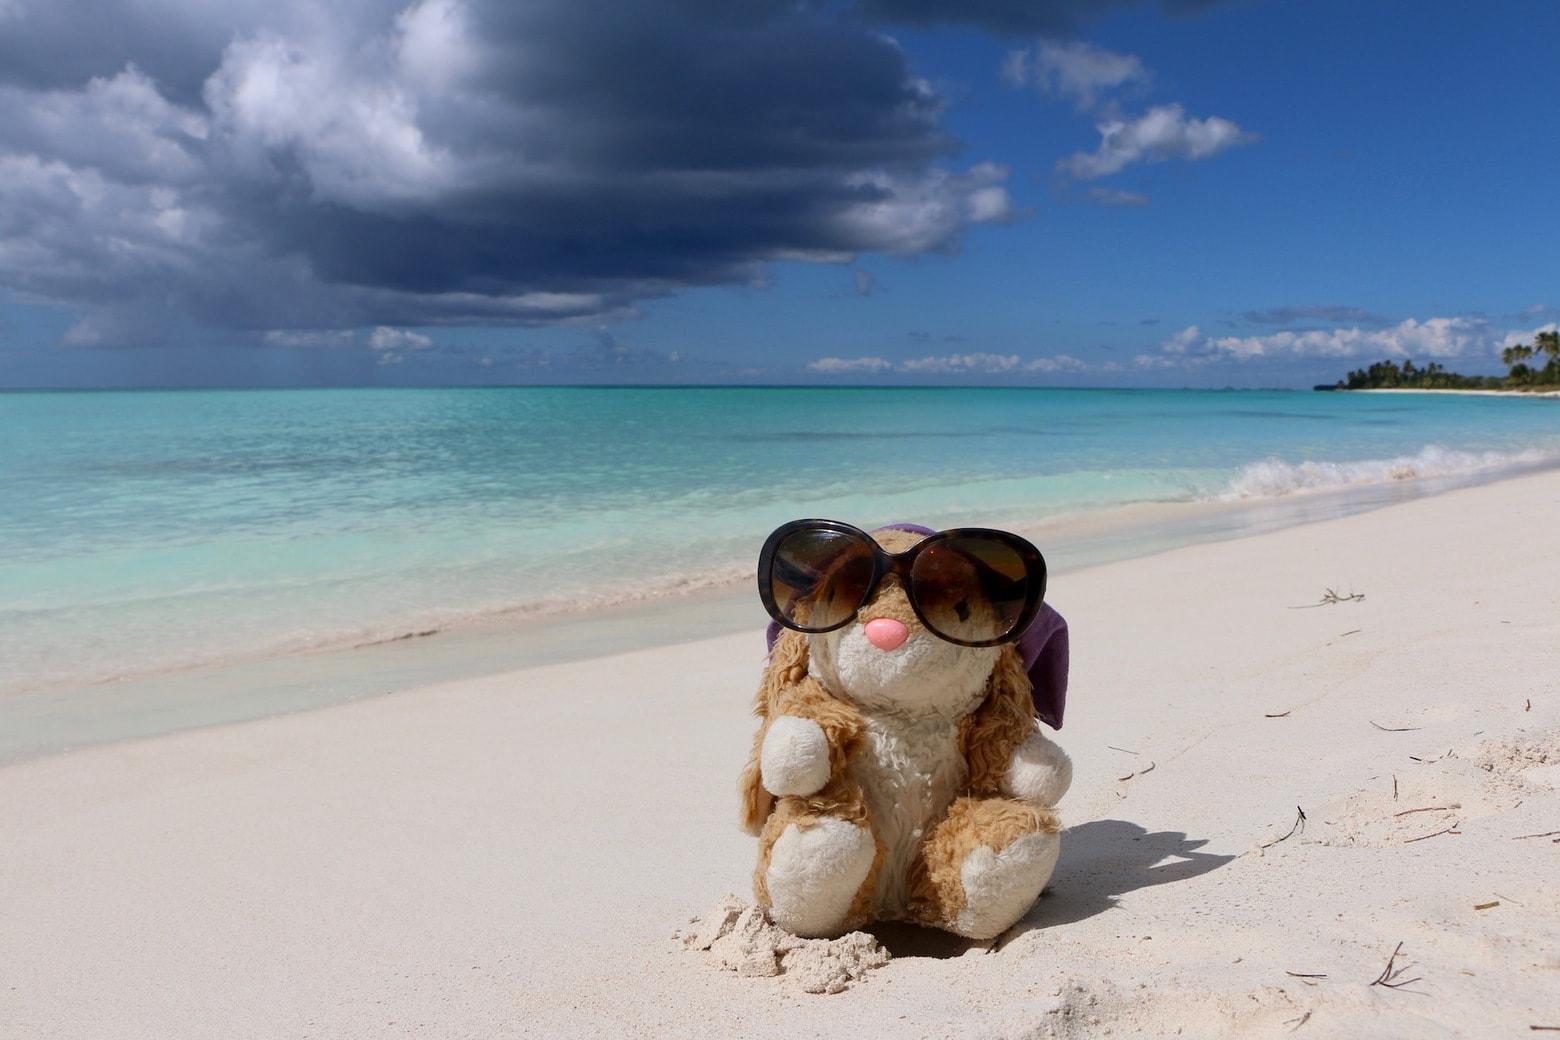 Bunny on the beach on Isla Saona